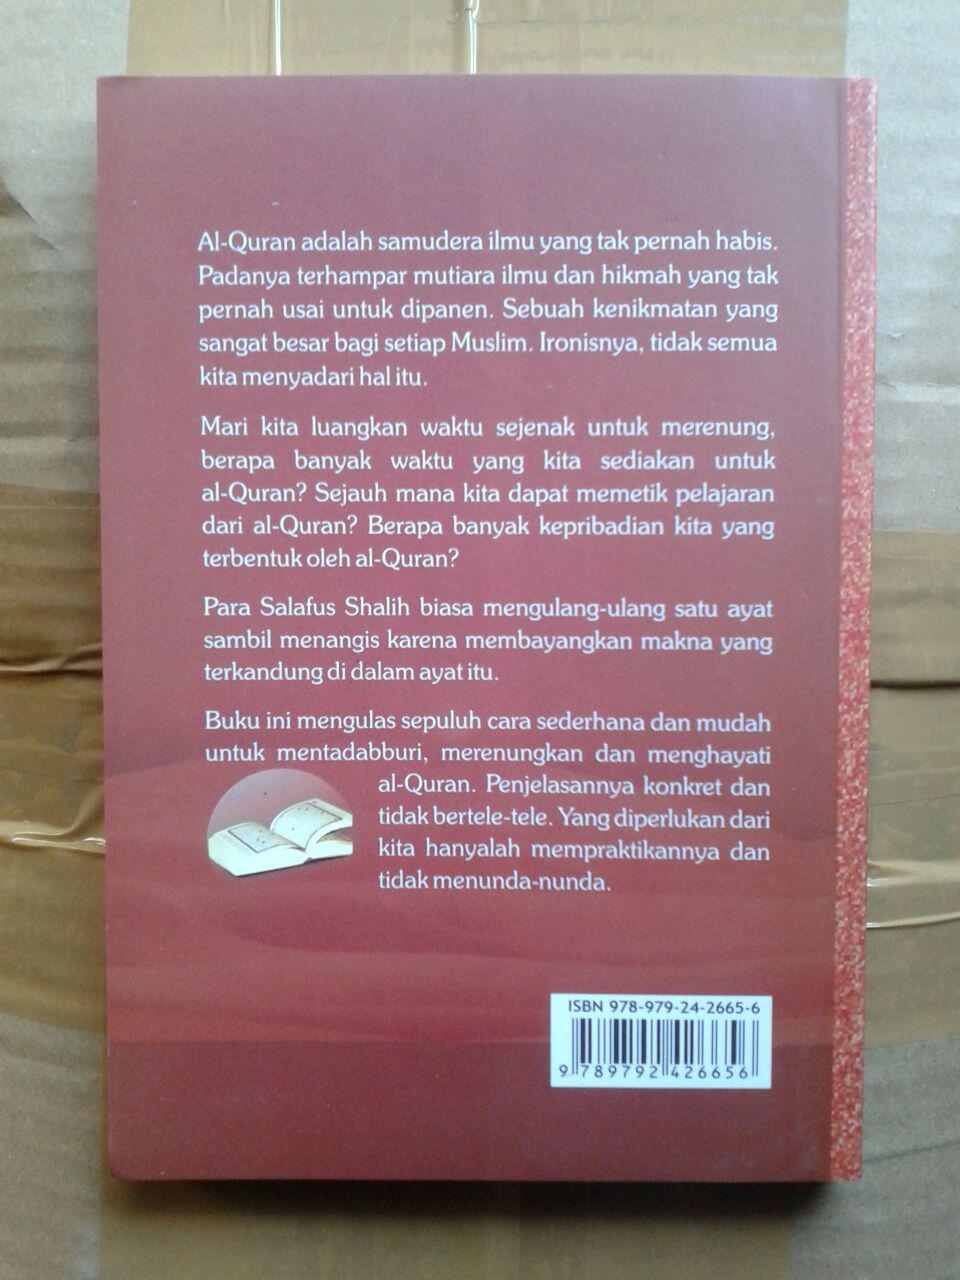 Buku Beginilah Cara Mengamalkan al-Quran cover 2